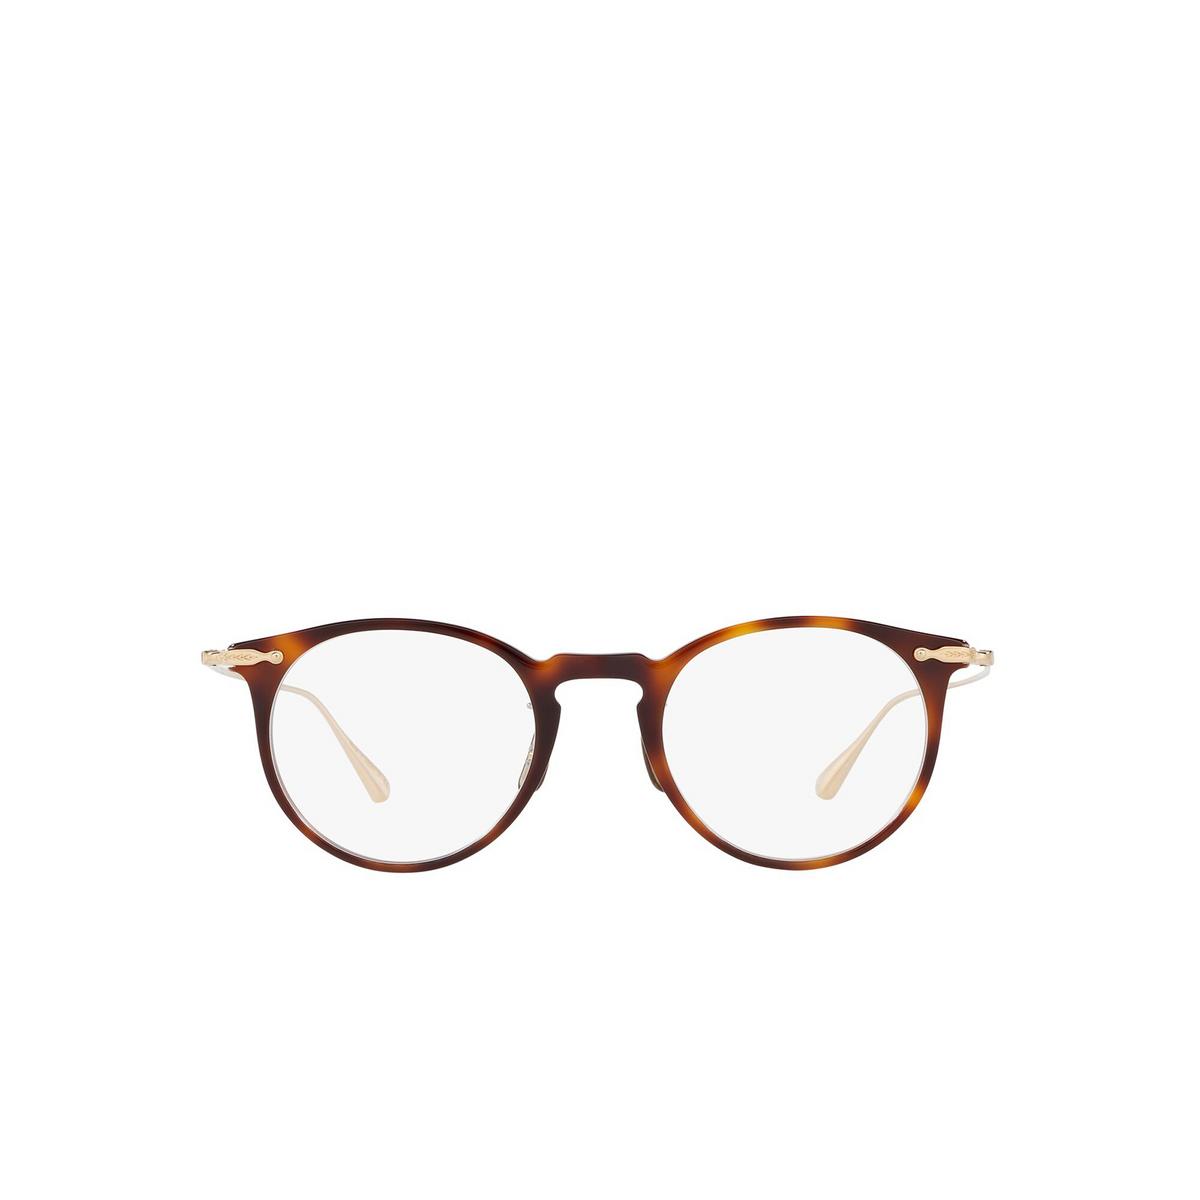 Oliver Peoples® Round Eyeglasses: Marret OV5343D color Tortoise 1007 - front view.